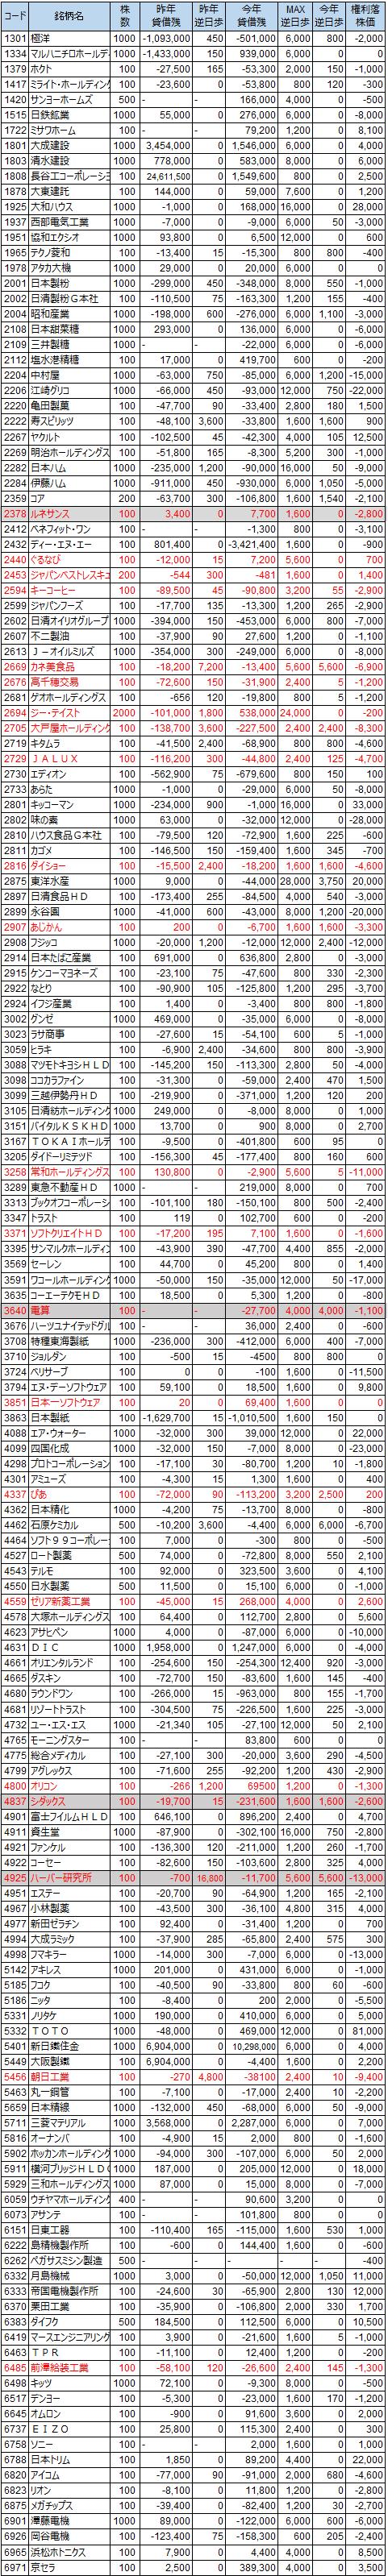 貸借状況2014年3月末権利付き最終日